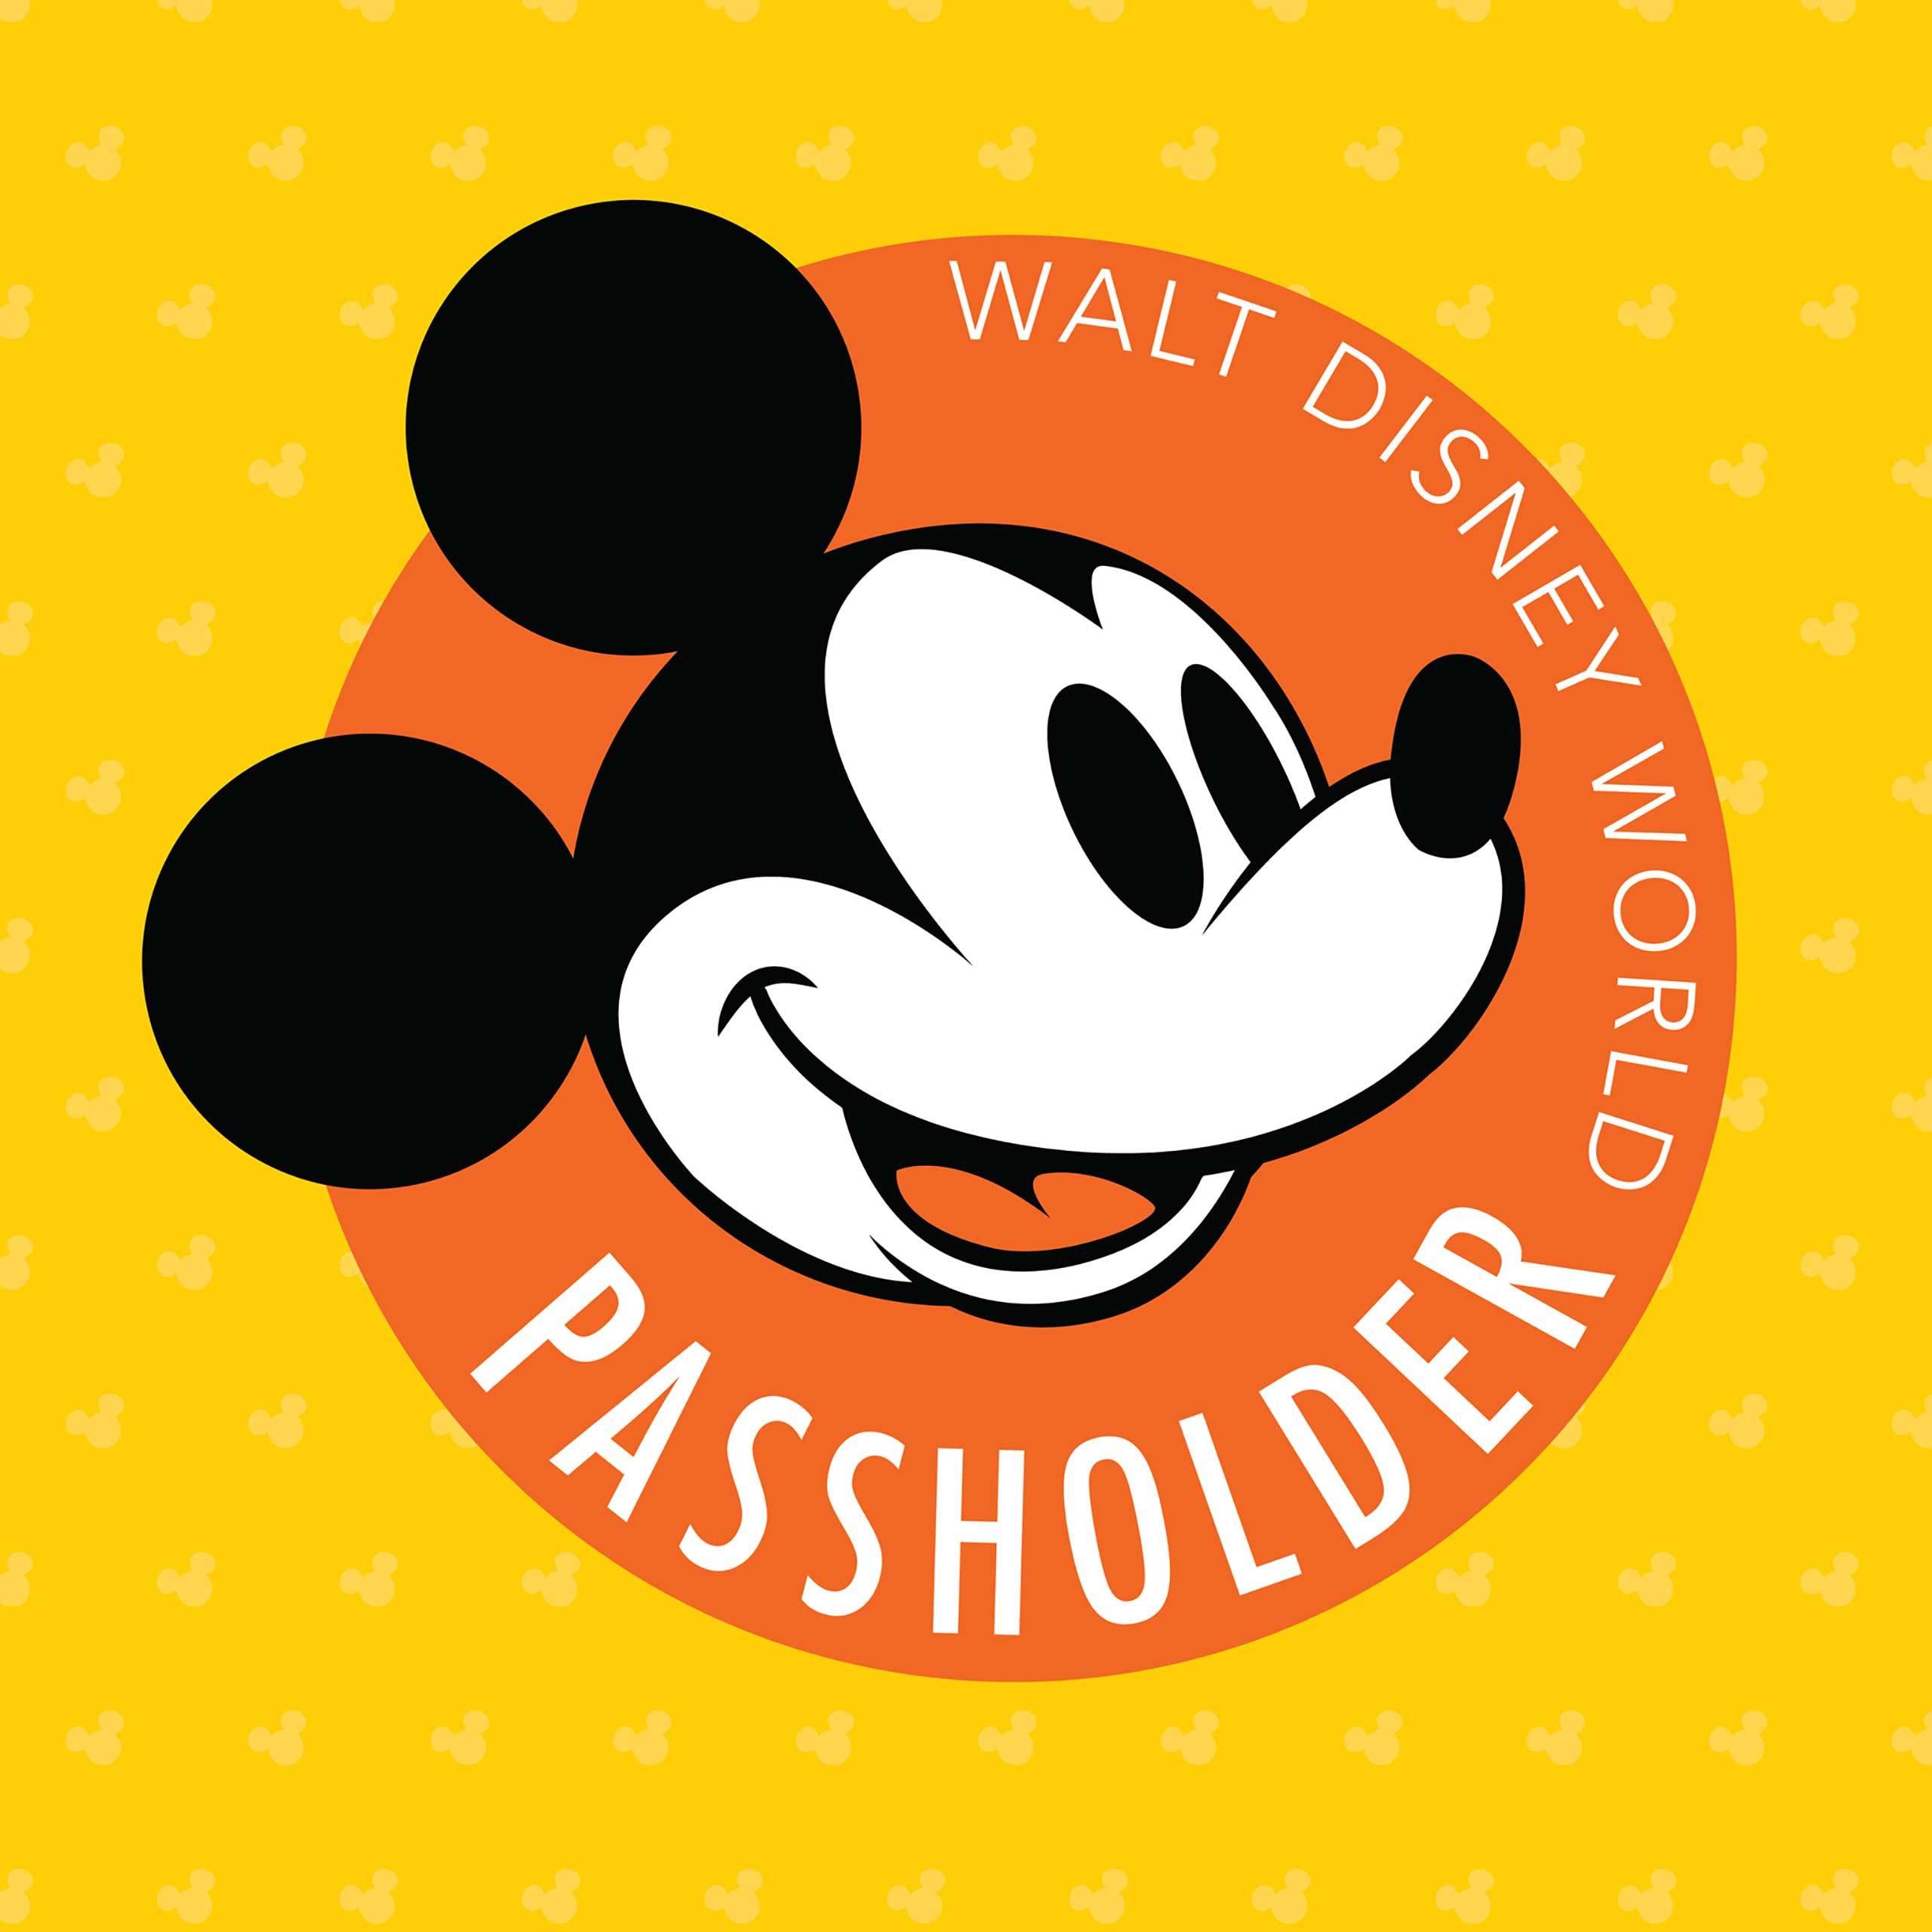 Walt Disney World Annual Passholder logo